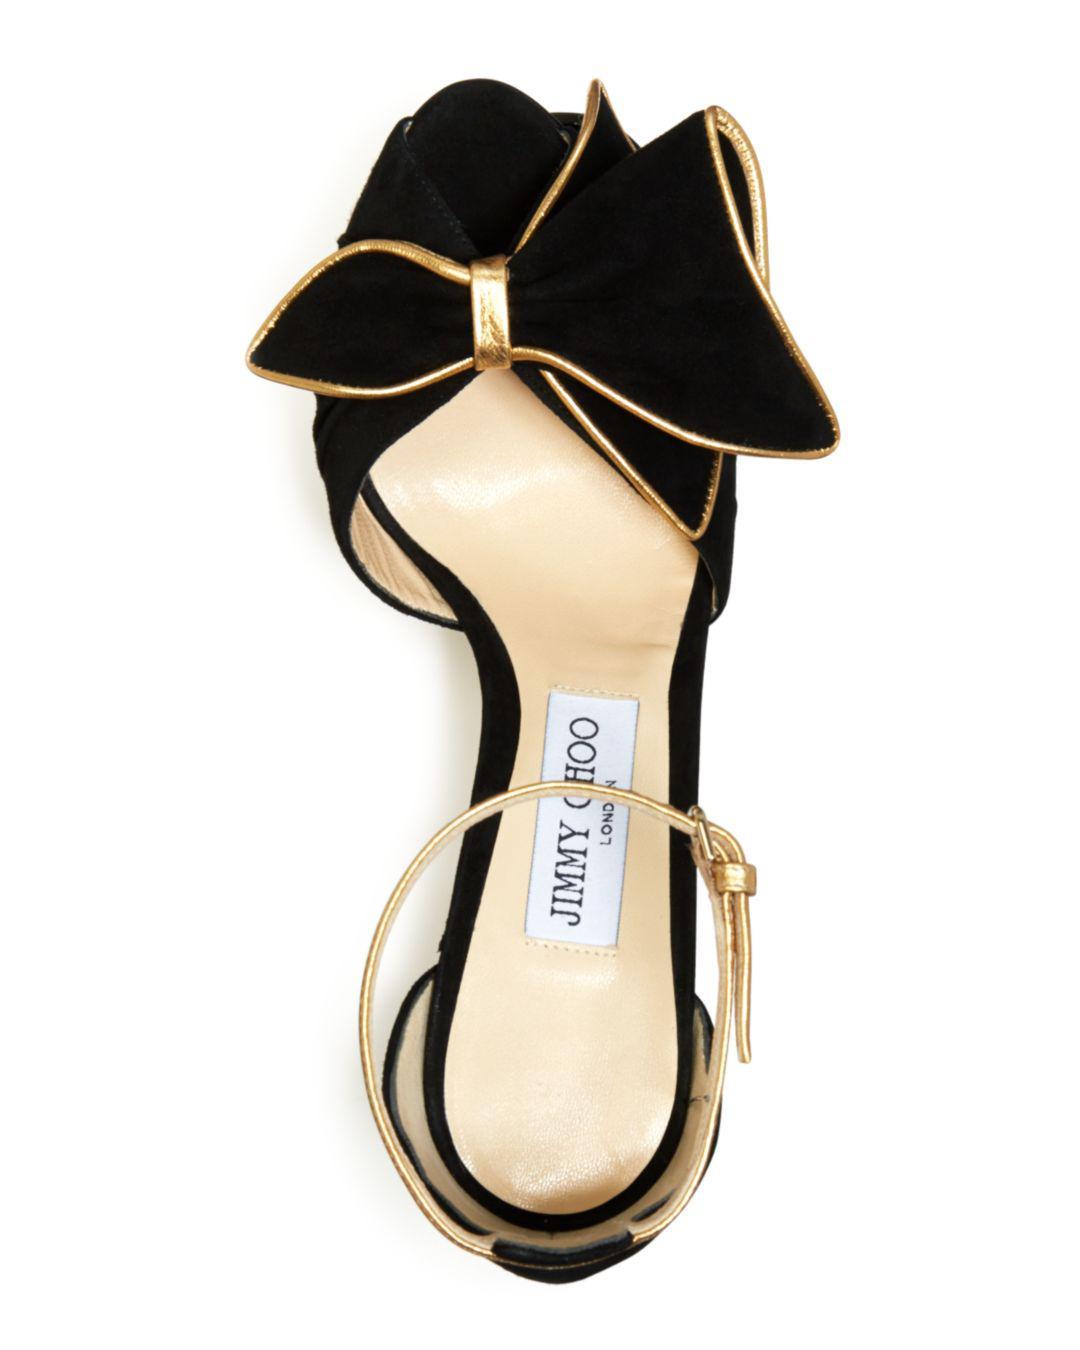 77aaaa7365 Jimmy Choo Women's Karlotta 100 High-heel Sandals in Black - Lyst